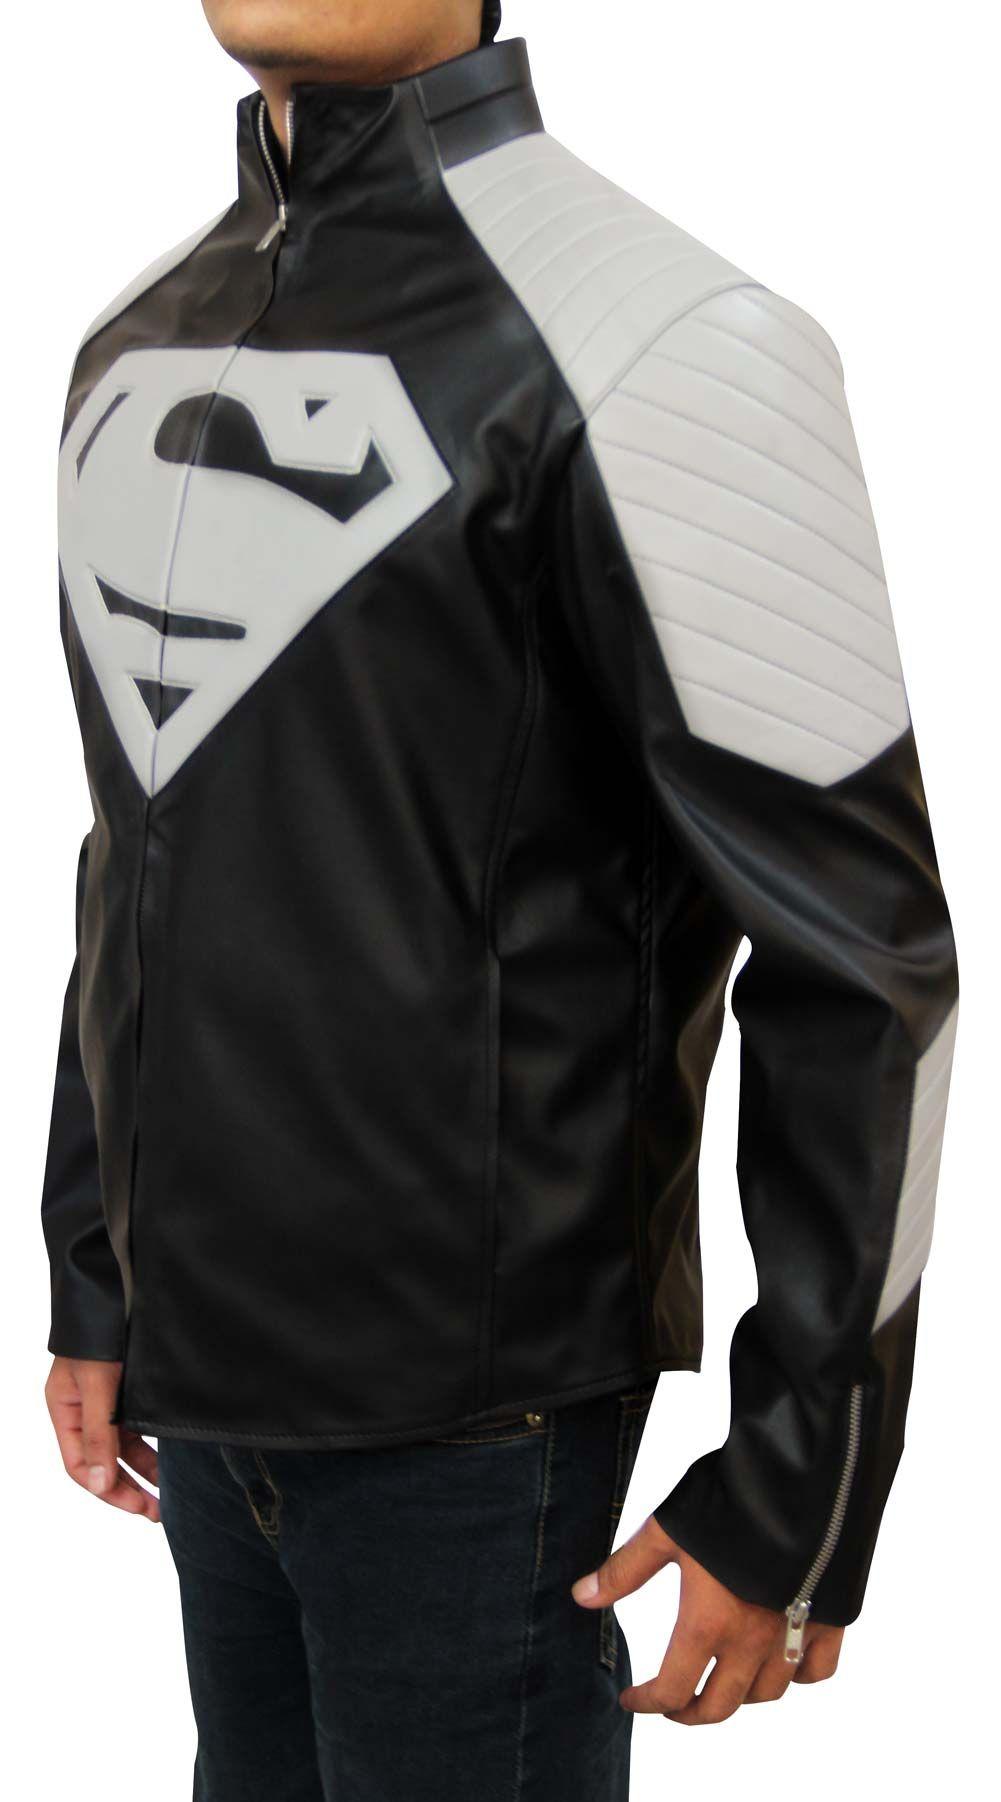 SUPERMAN uomo di acciaio SMALLVILLE NERO LEATHER JACKET Costume